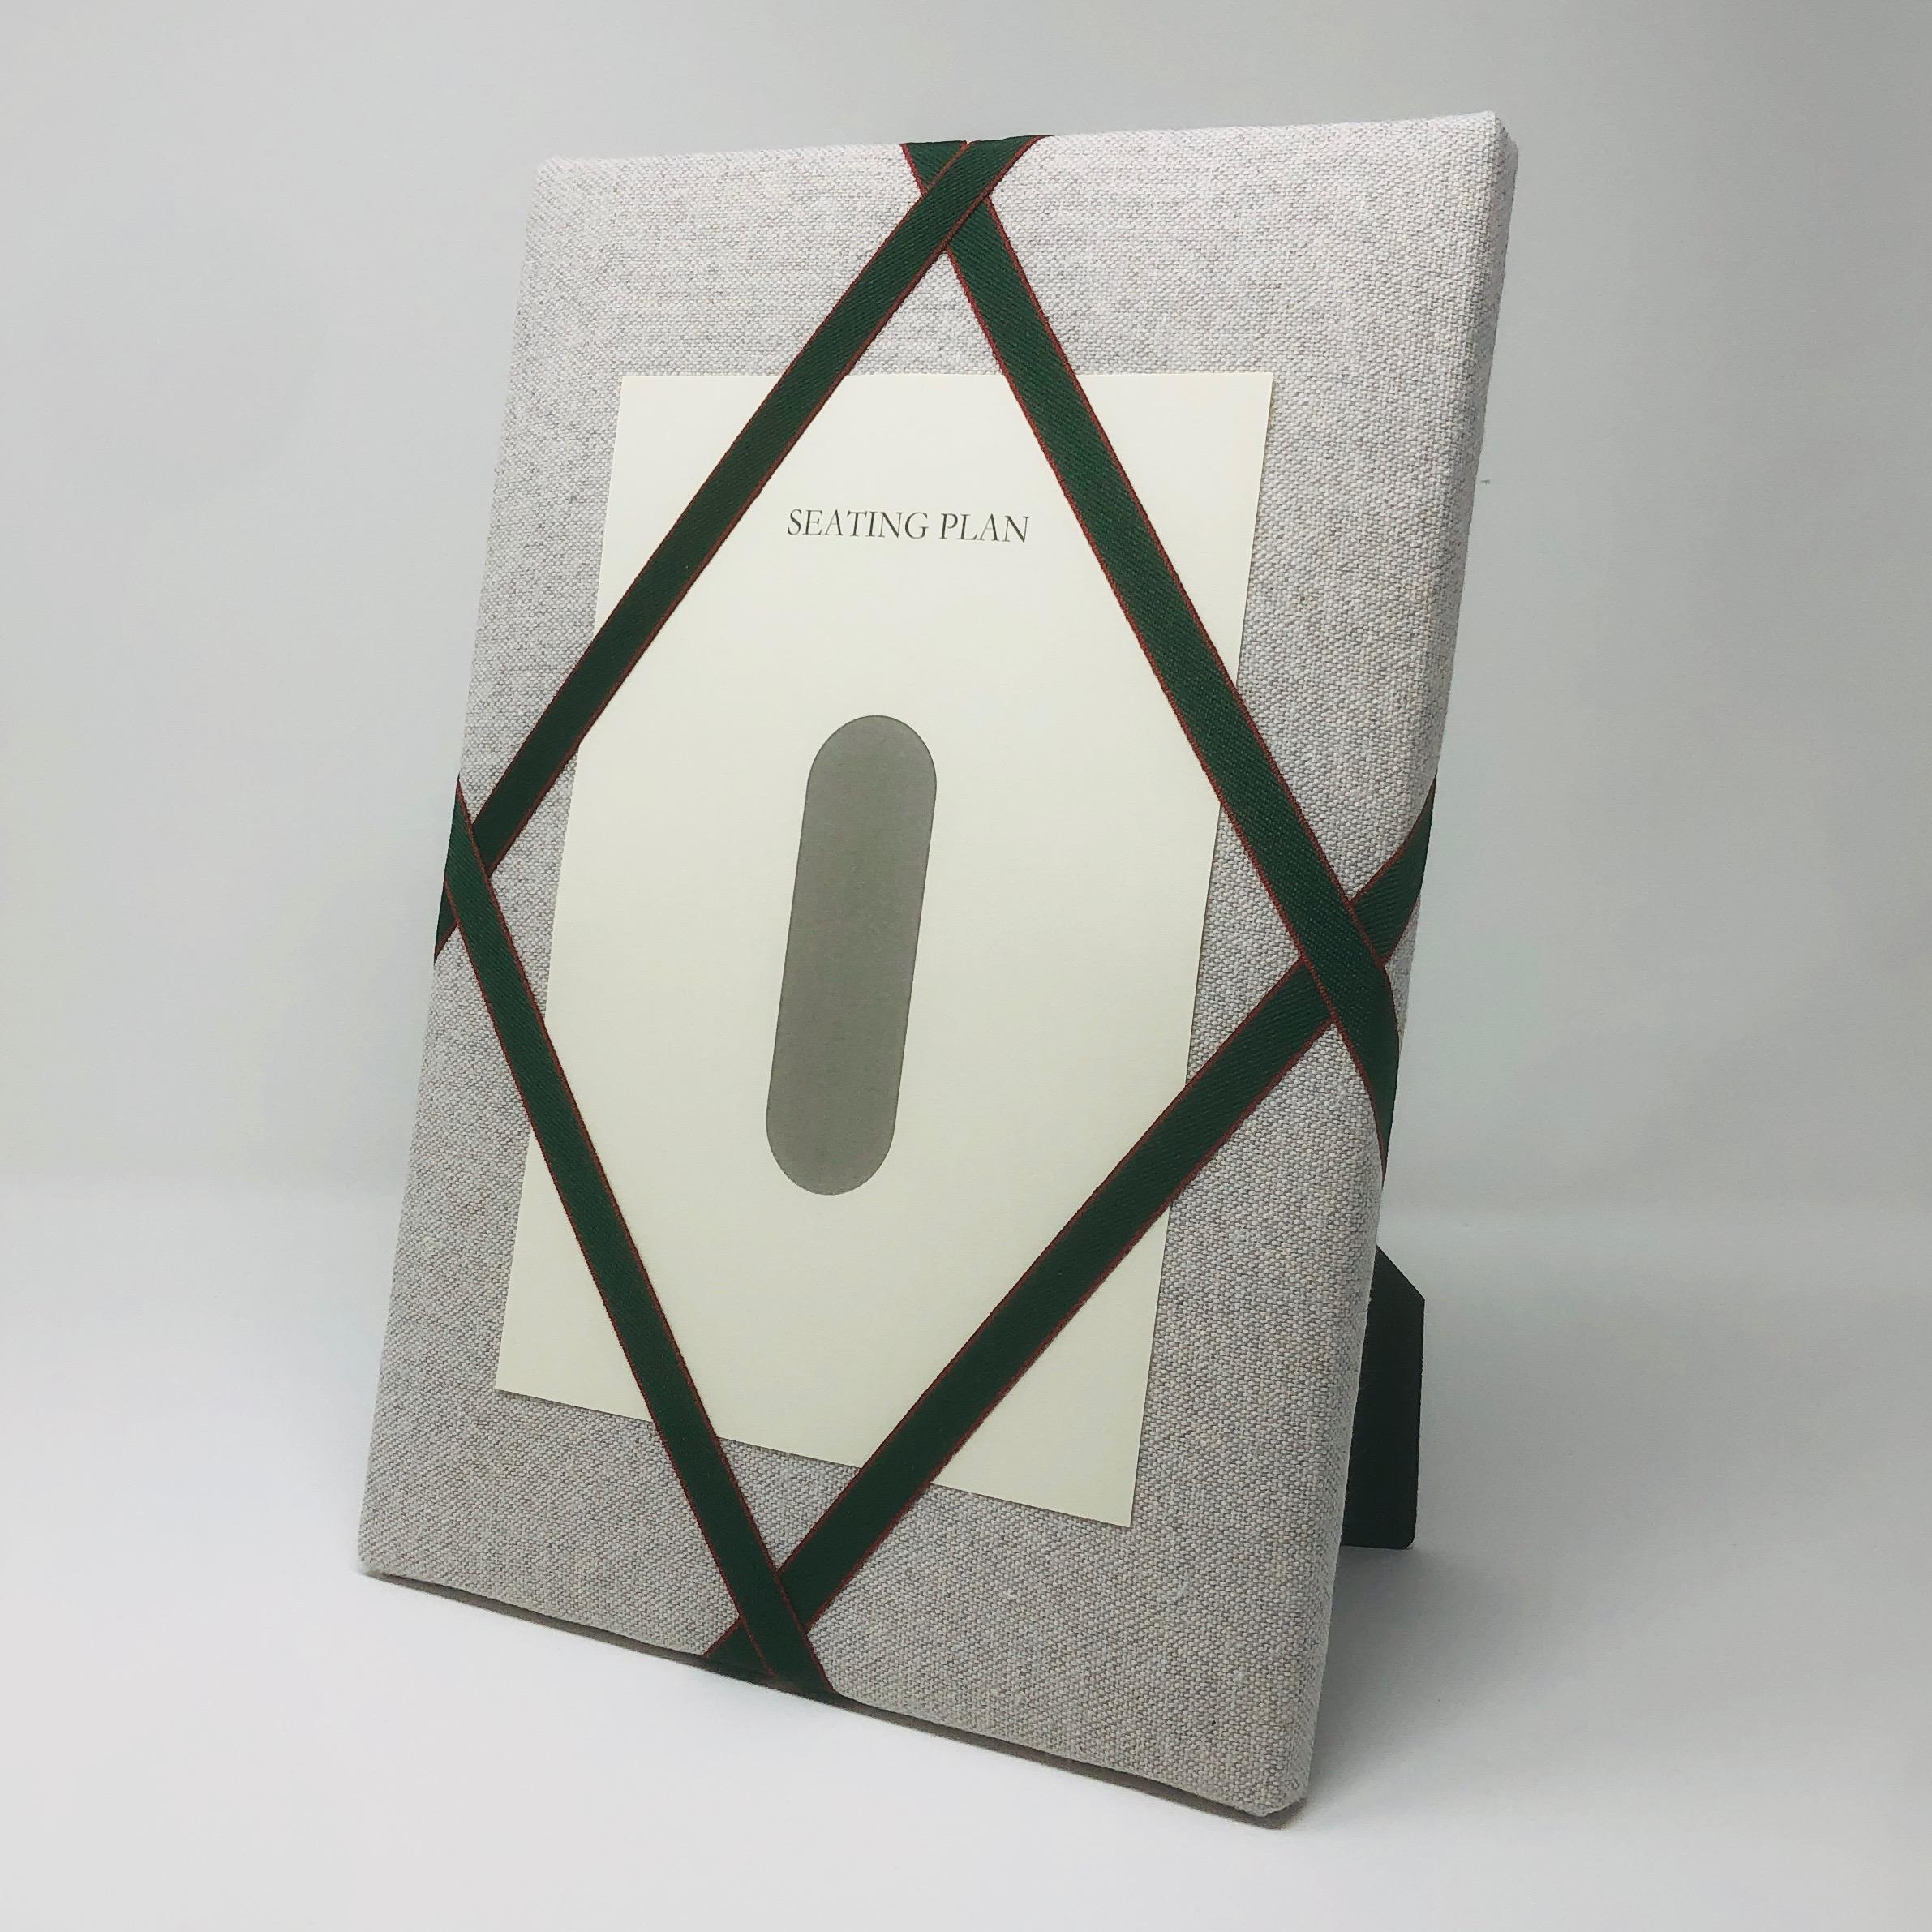 Seating Plan – Soft Grey / Dark Green Red Trim Ribbon